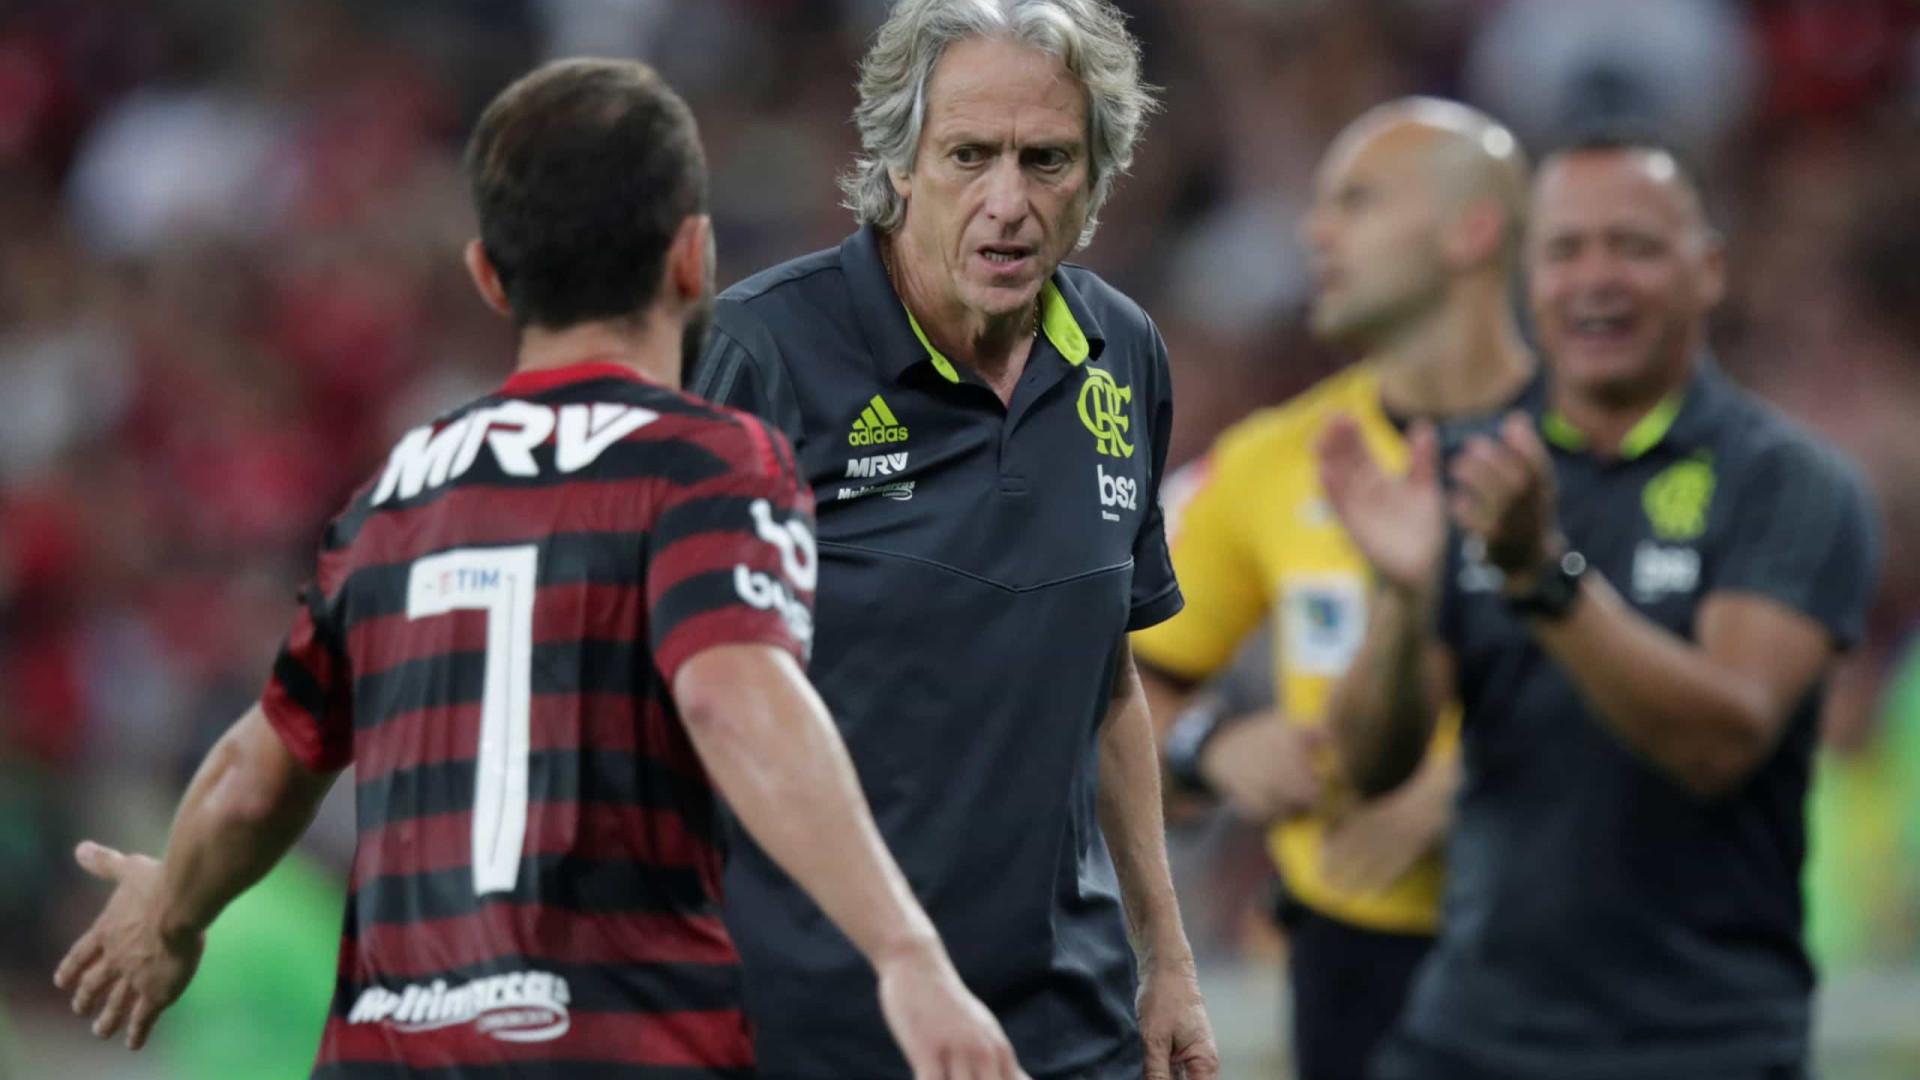 Flamengo: Cláusula prevê saída de Jorge Jesus em dezembro